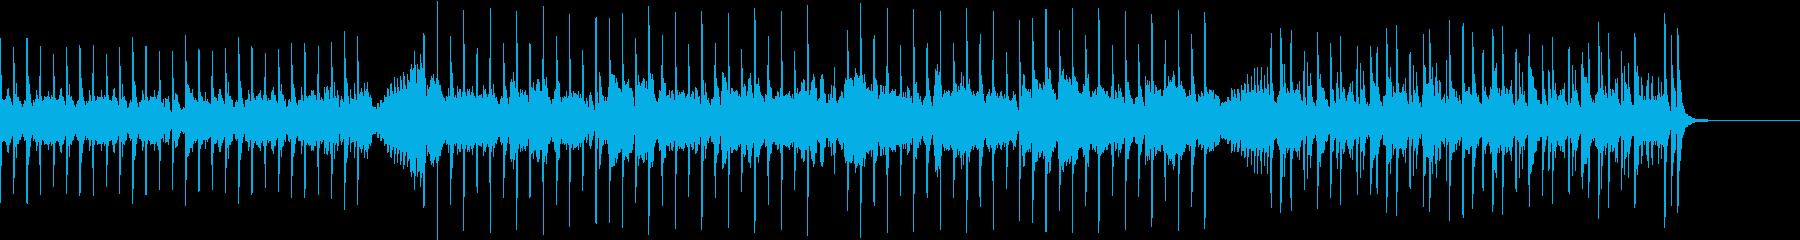 スリリングでかっこいいピアノロックの再生済みの波形